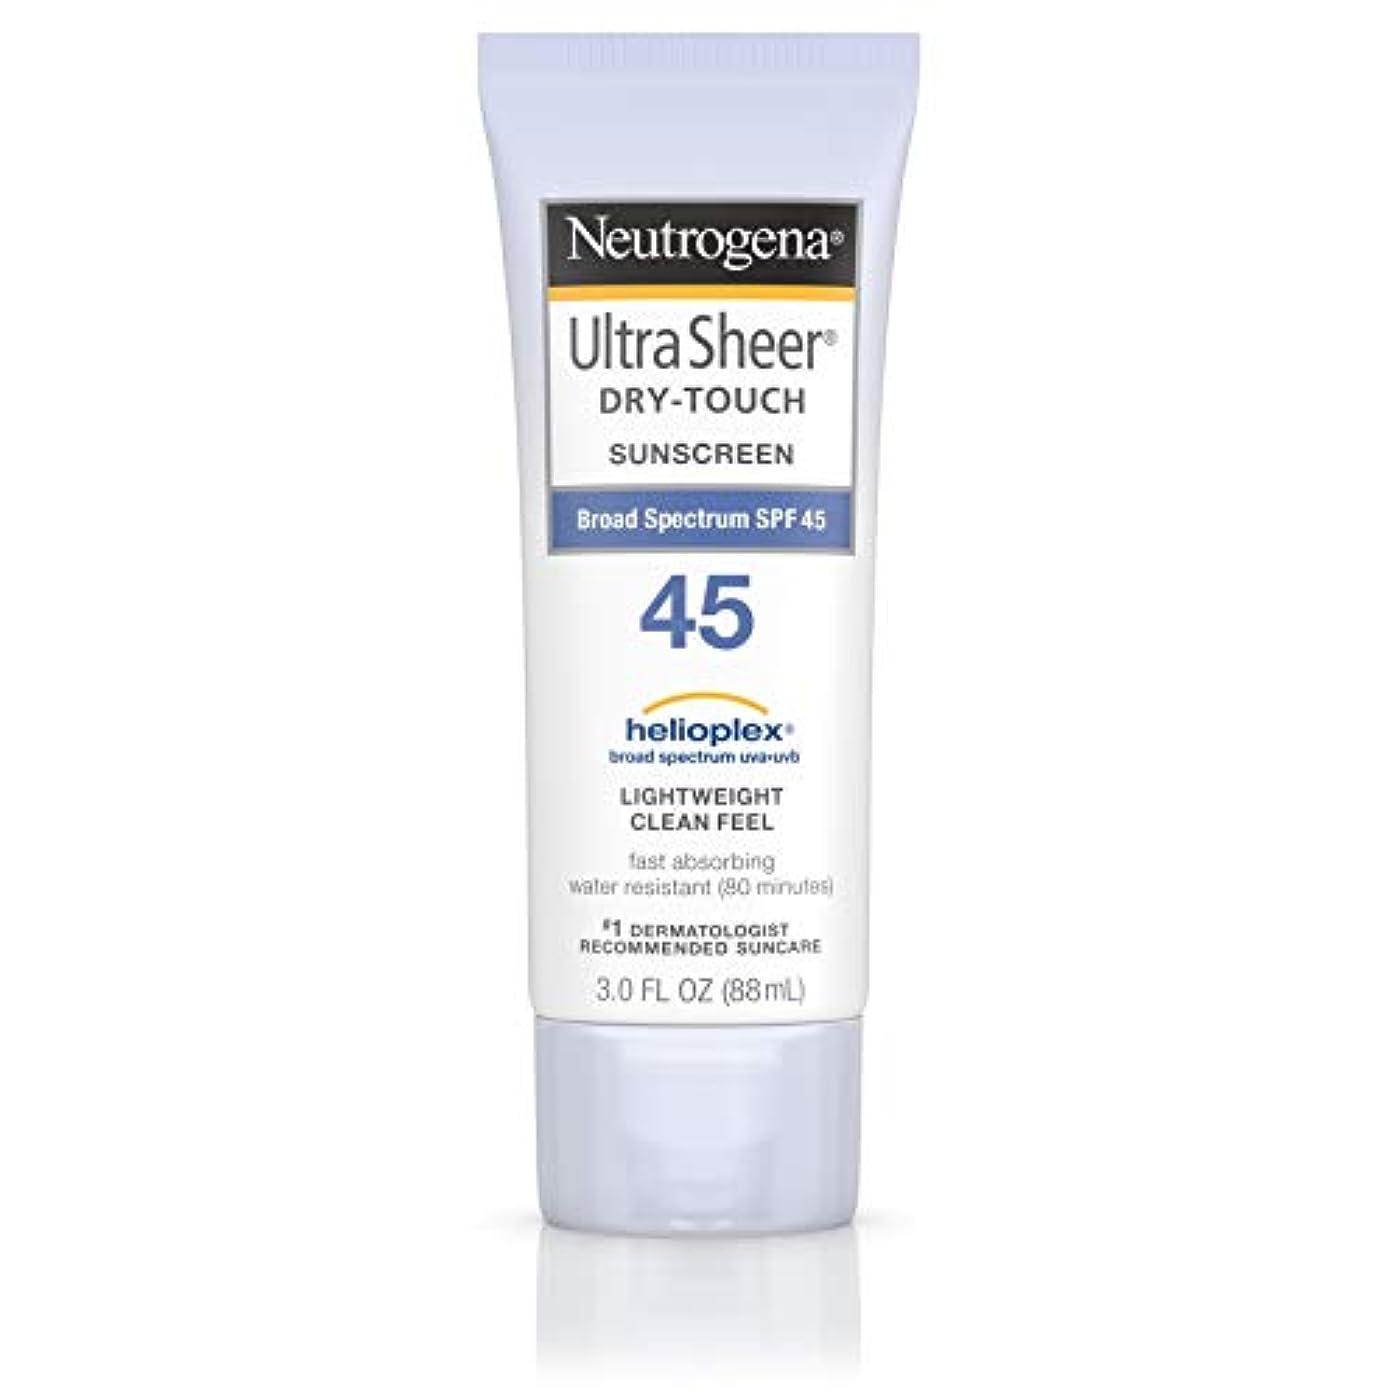 取り替える物思いにふけるで出来ている海外直送品 Neutrogena Neutrogena Ultra Sheer Dry-Touch Sunblock Spf 45【並行輸入品】